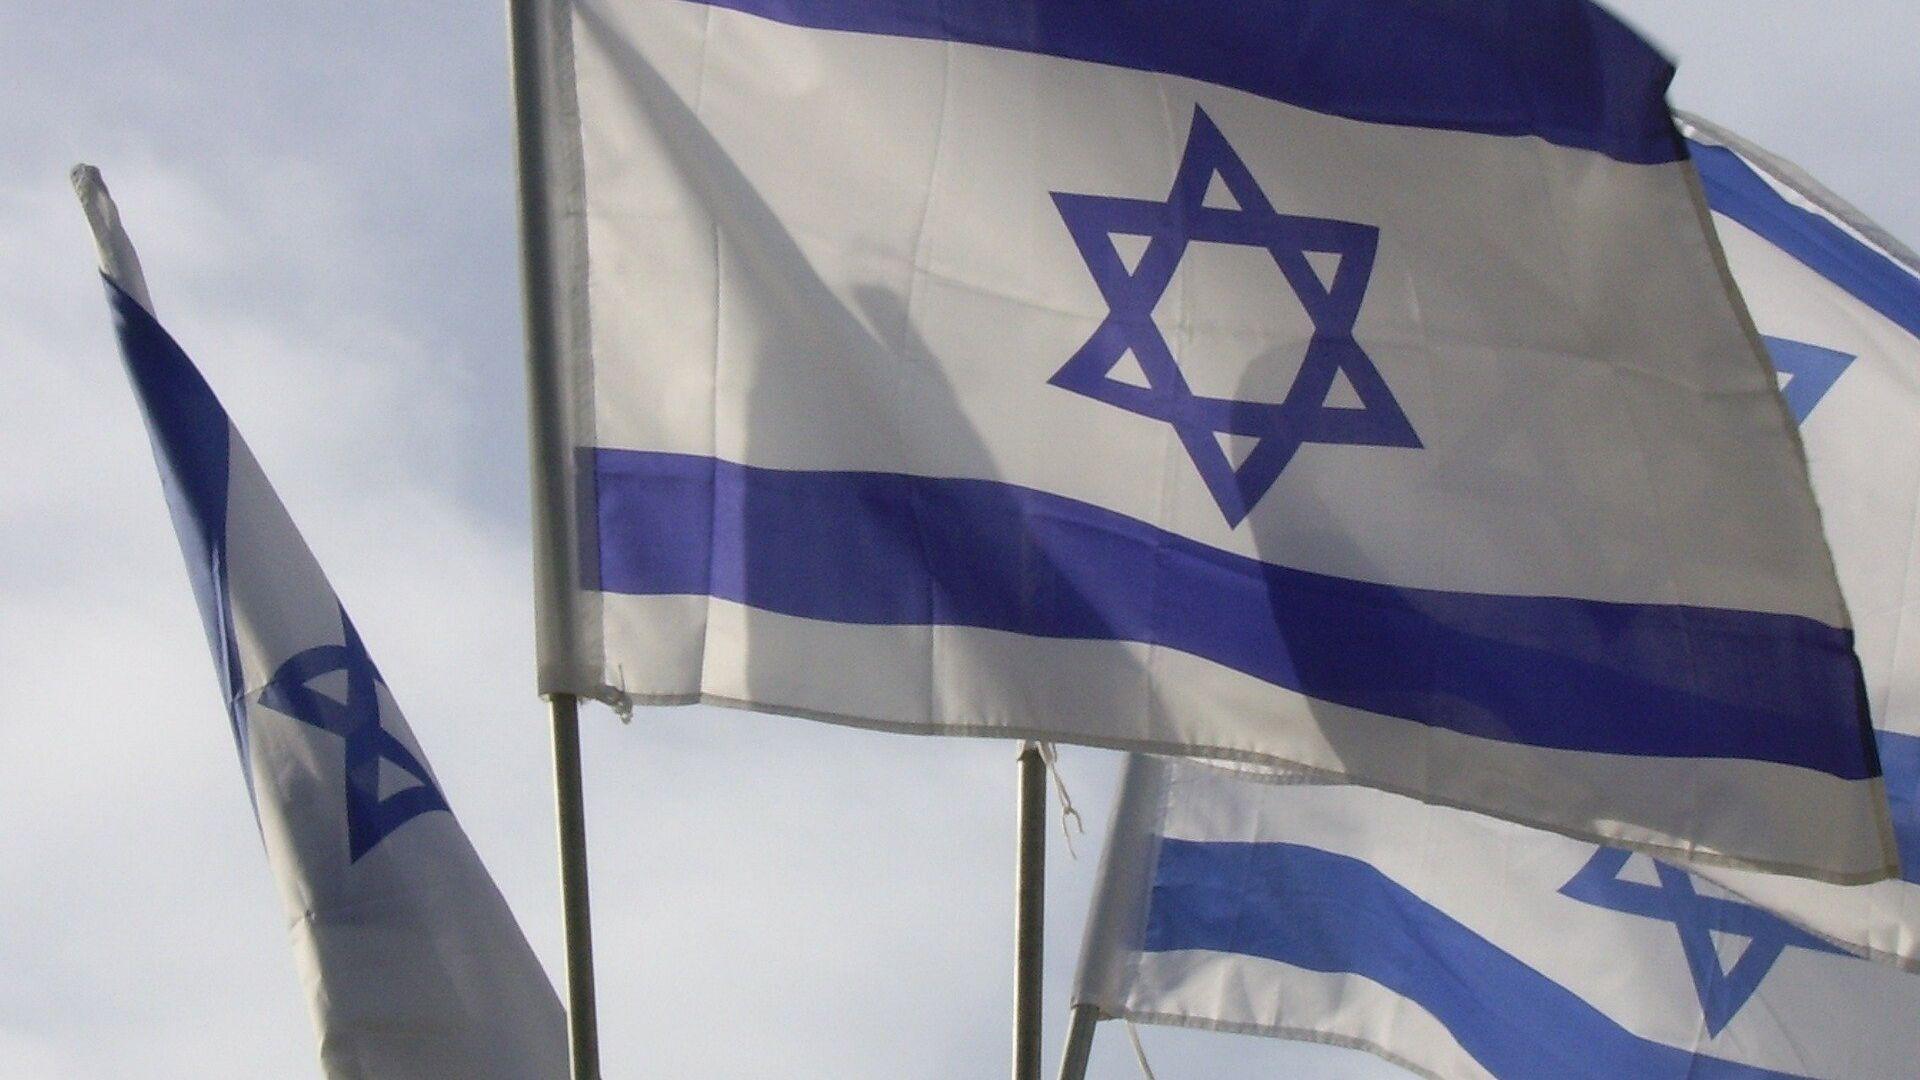 Bandera de Israel - Sputnik Mundo, 1920, 07.04.2021